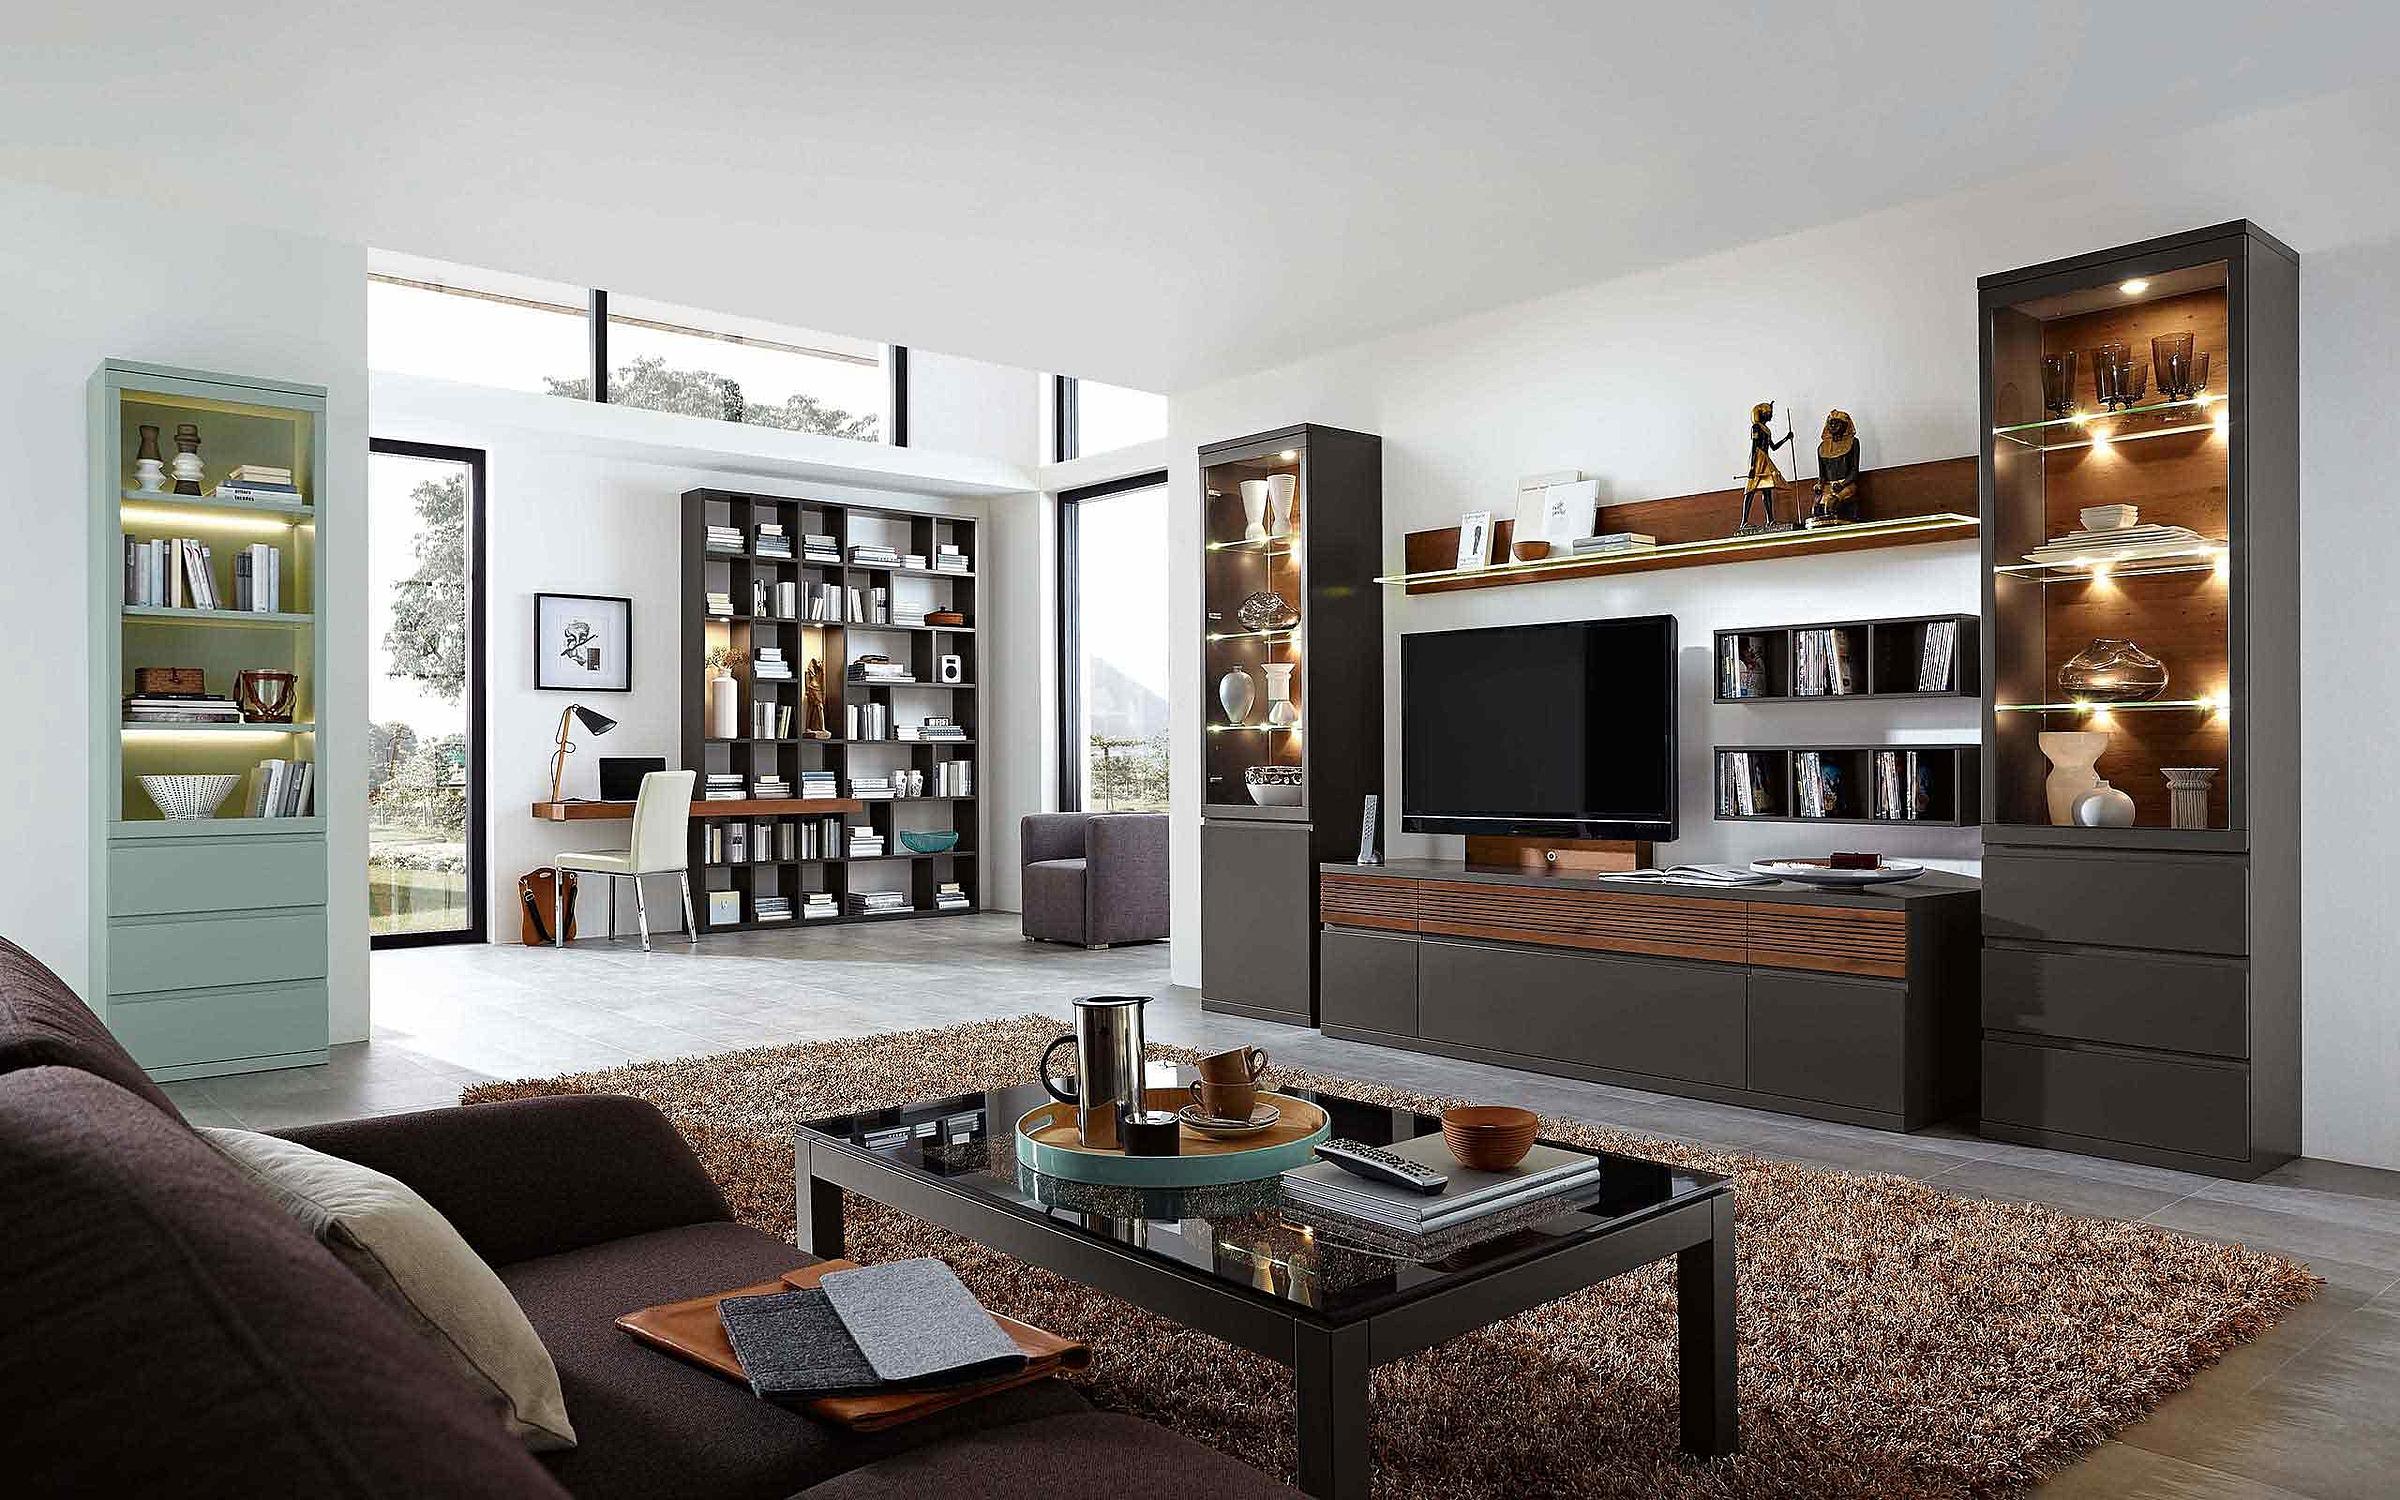 Wohnwand Regal Stuhl Couchtisch Wohnzimmer Enjoy